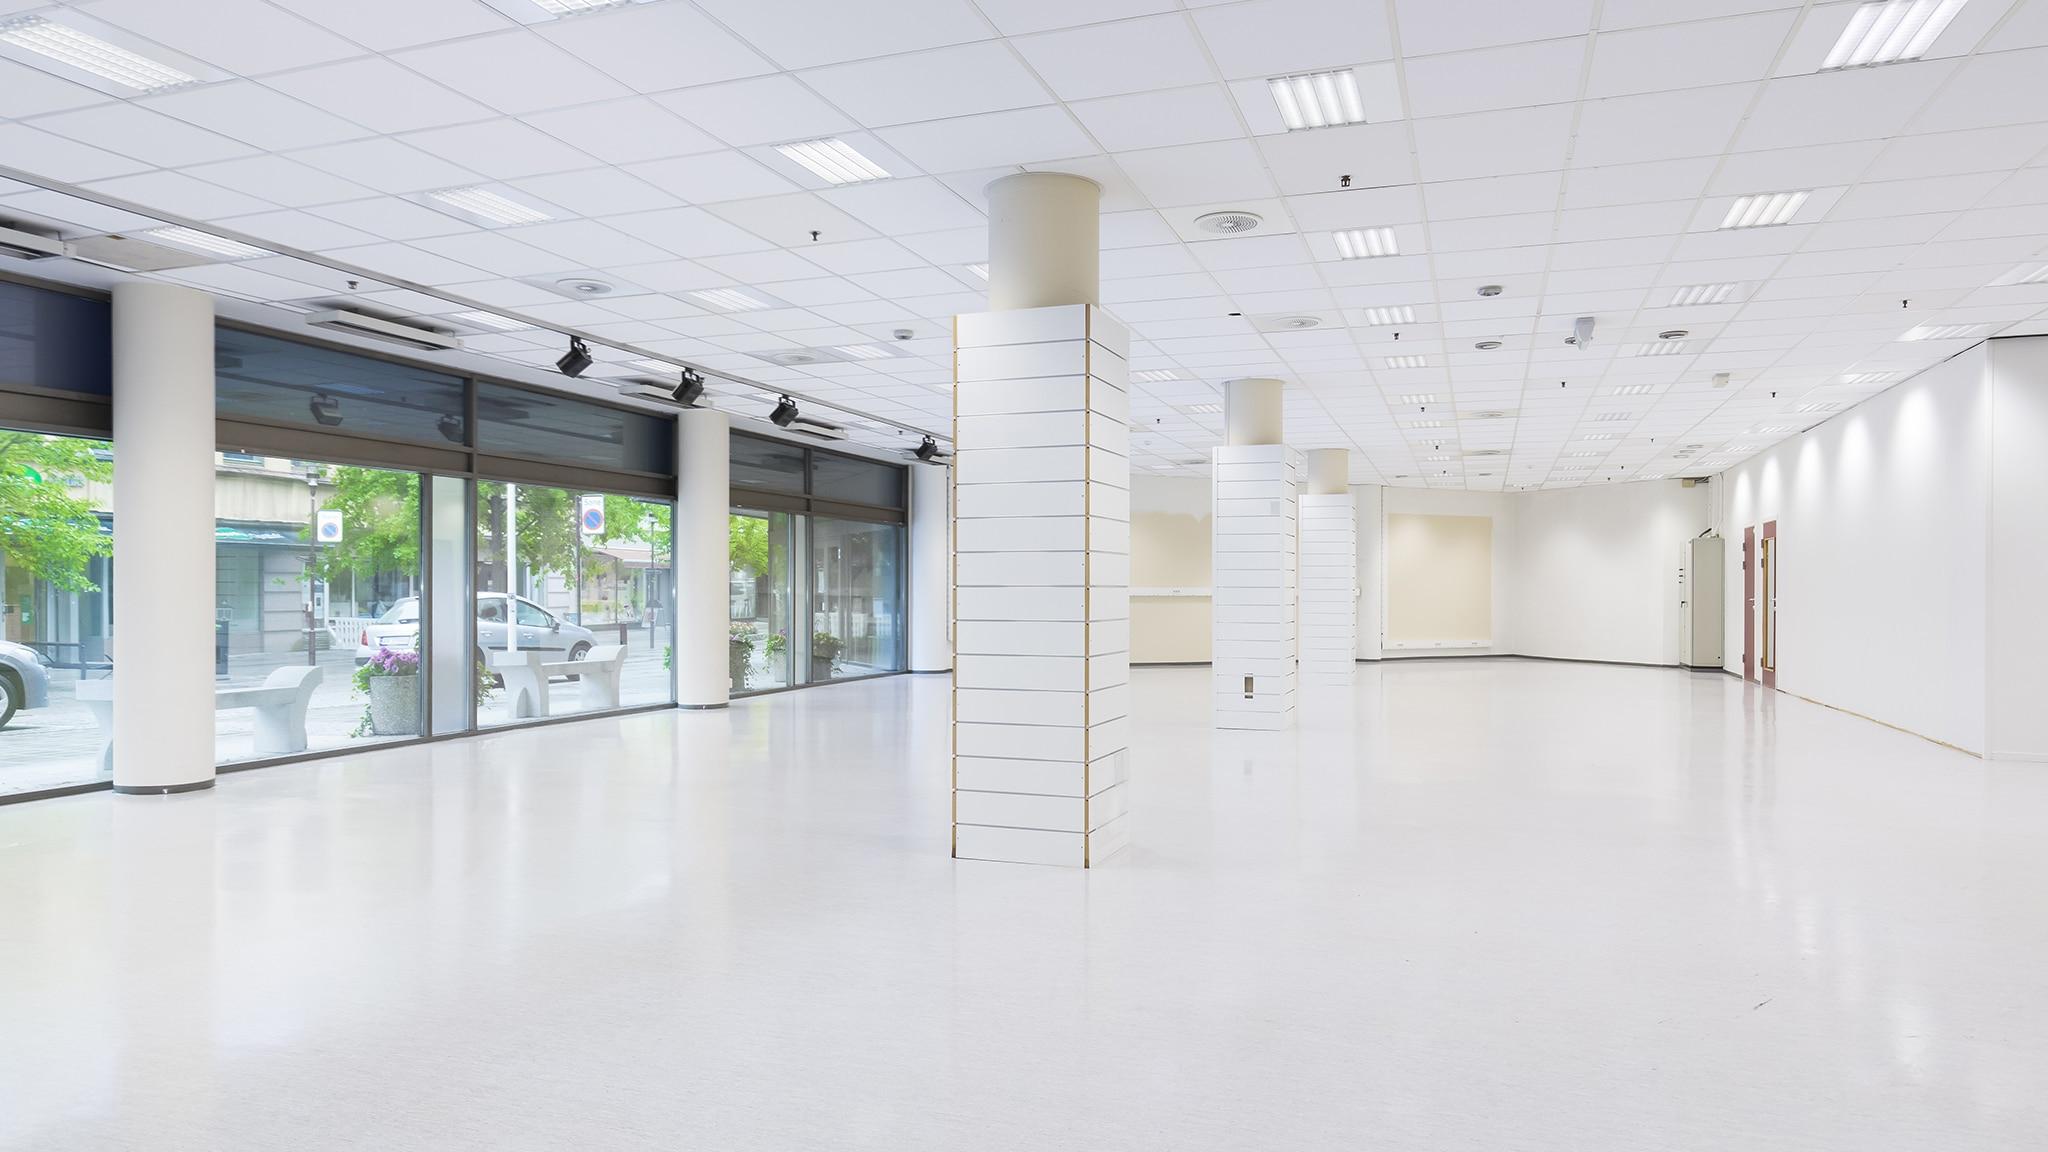 Butikklokale hammondgården storgata 125 Porsgrunn 5